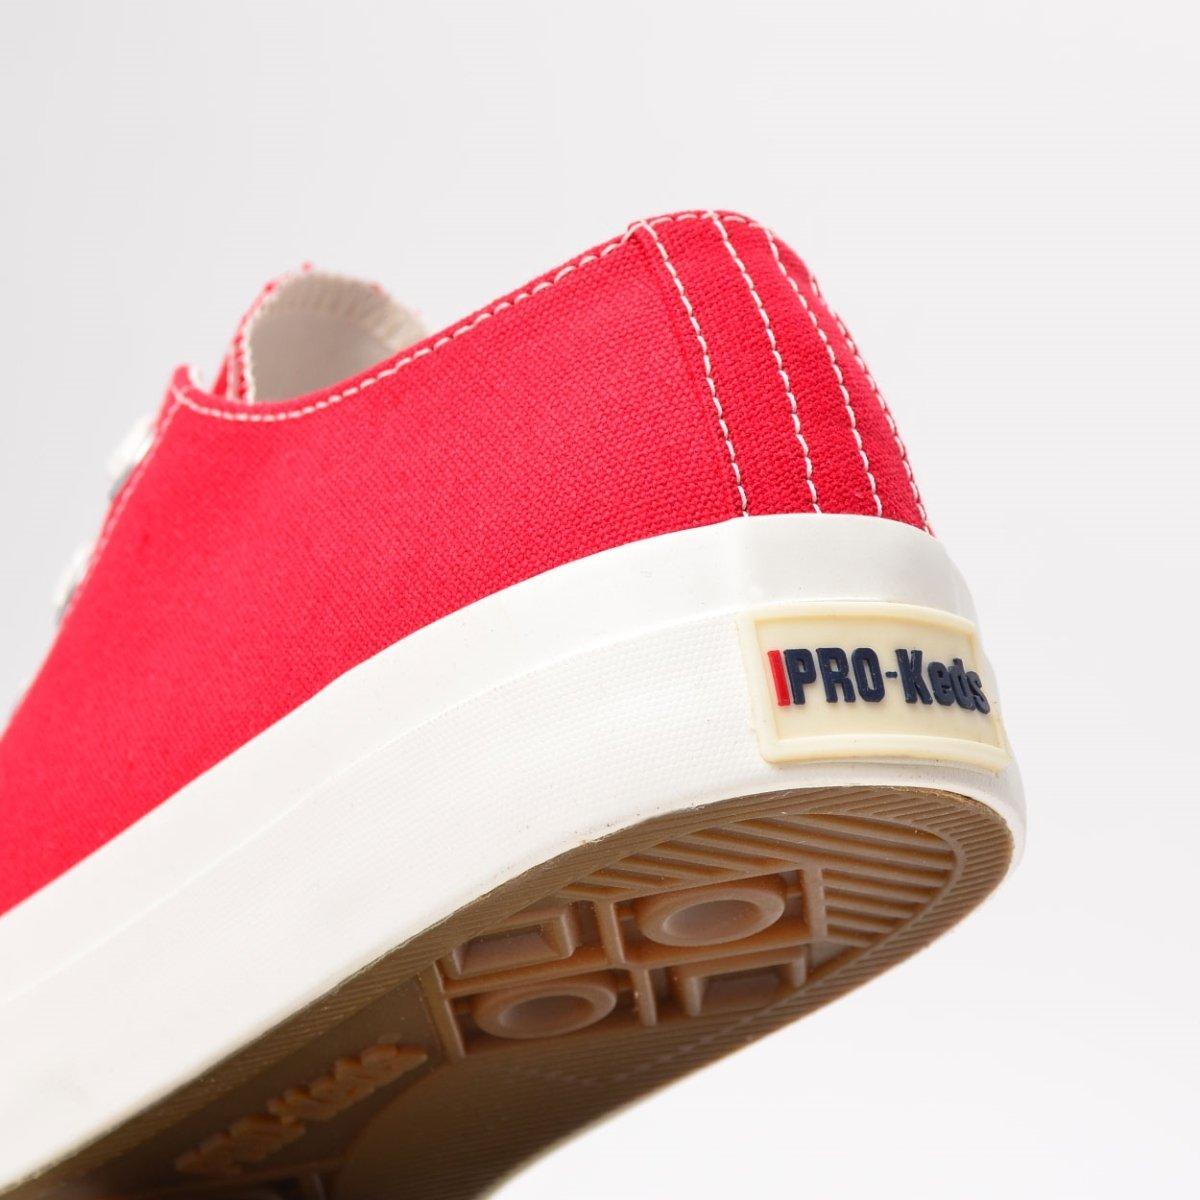 Tênis Tênis Keds Lo PRO Core Vermelho Royal PRO 1dqxnwp